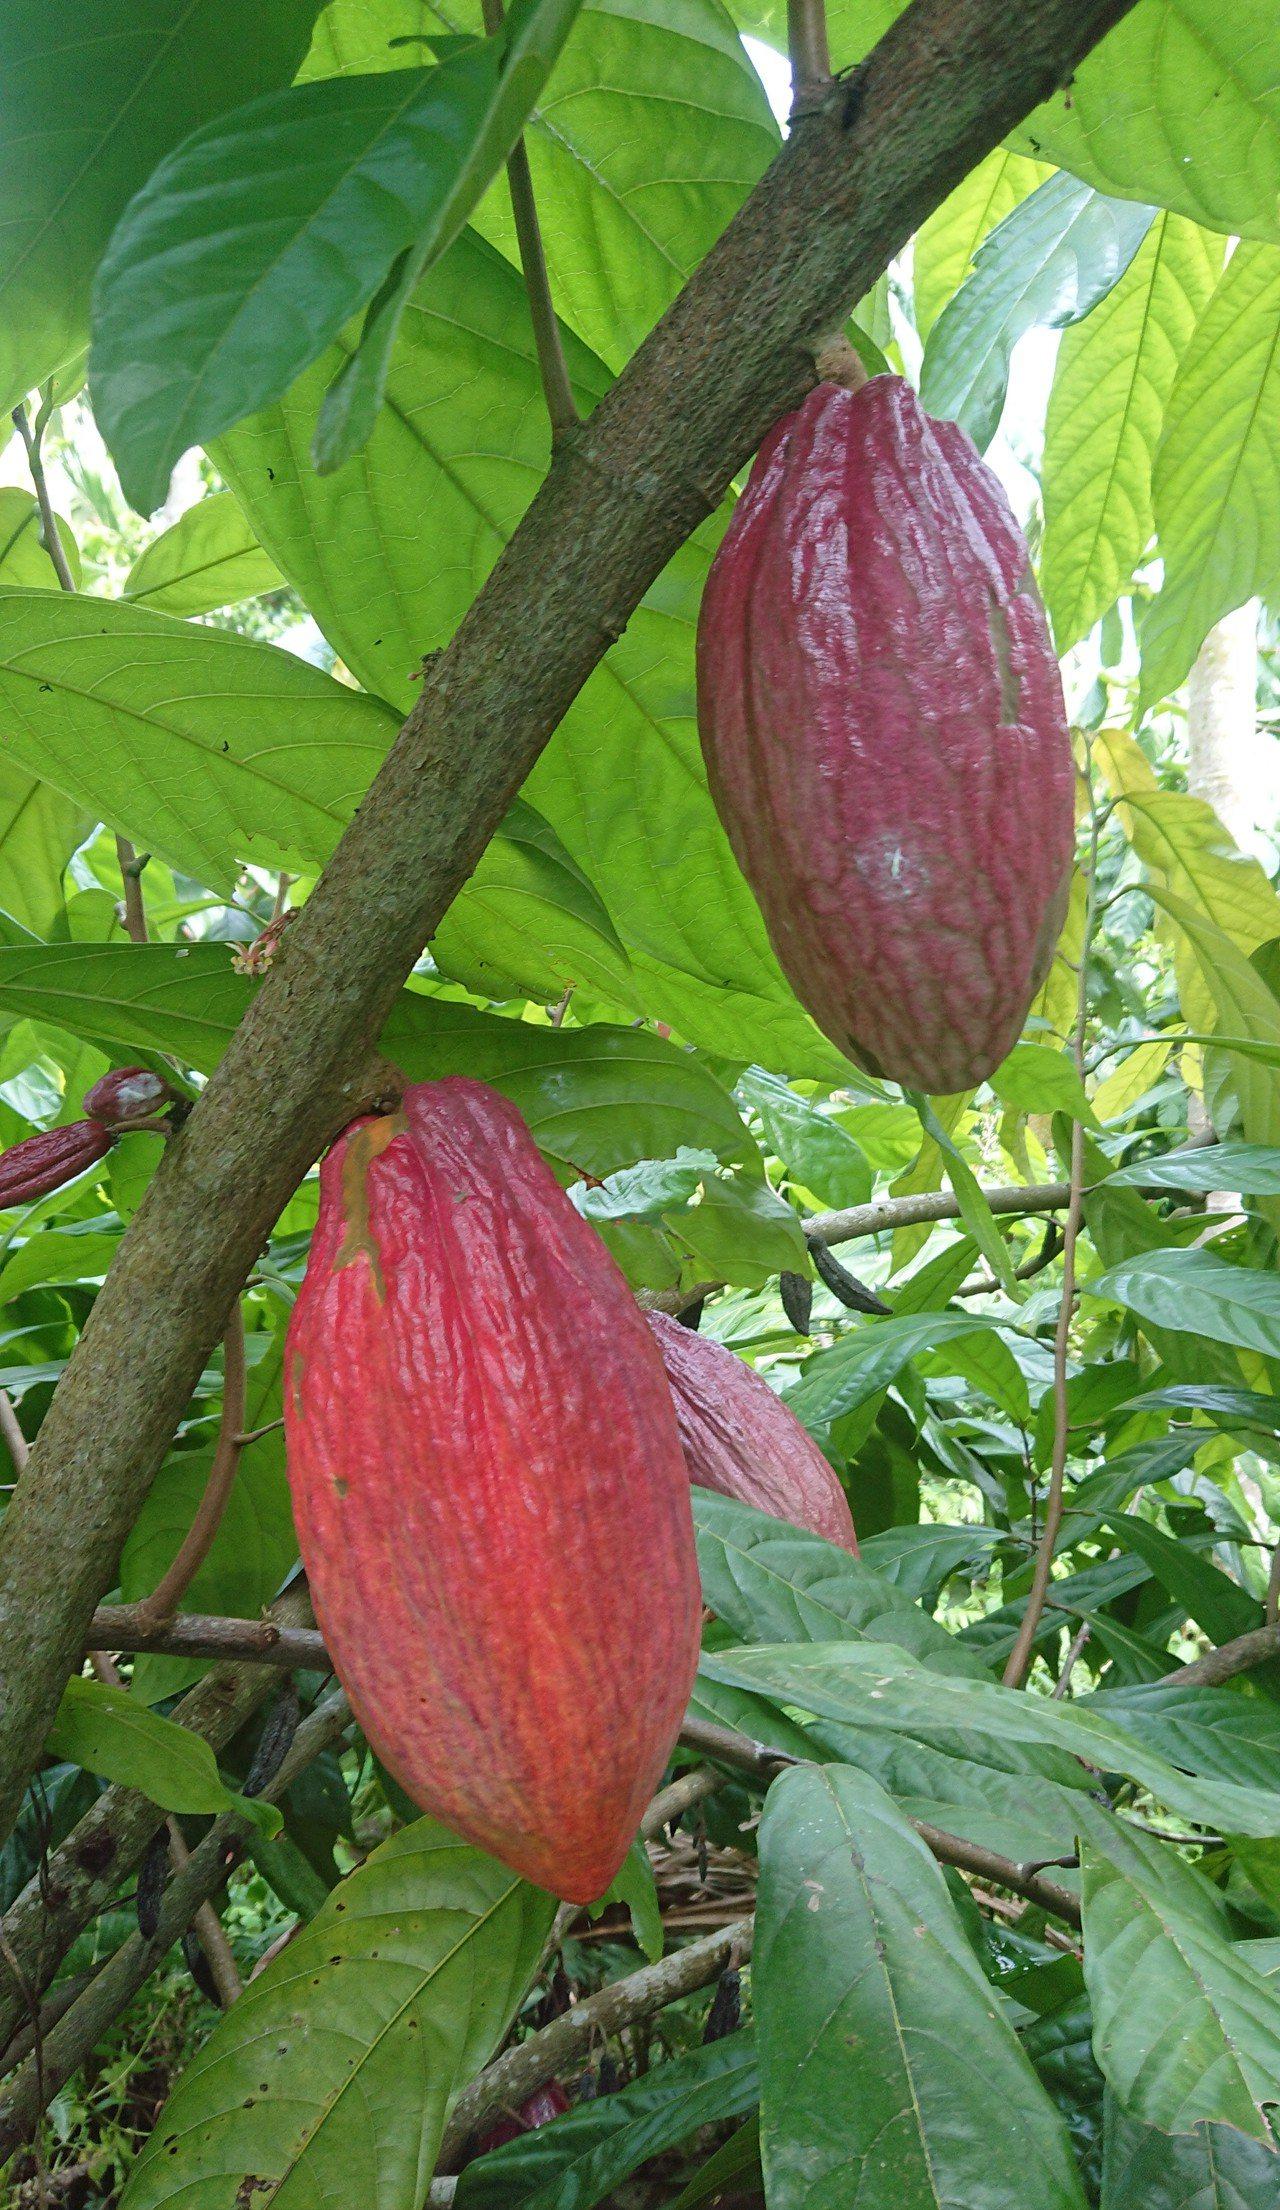 高祥恩將檳榔園改種可可樹,生產可可果。記者卜敏正/攝影